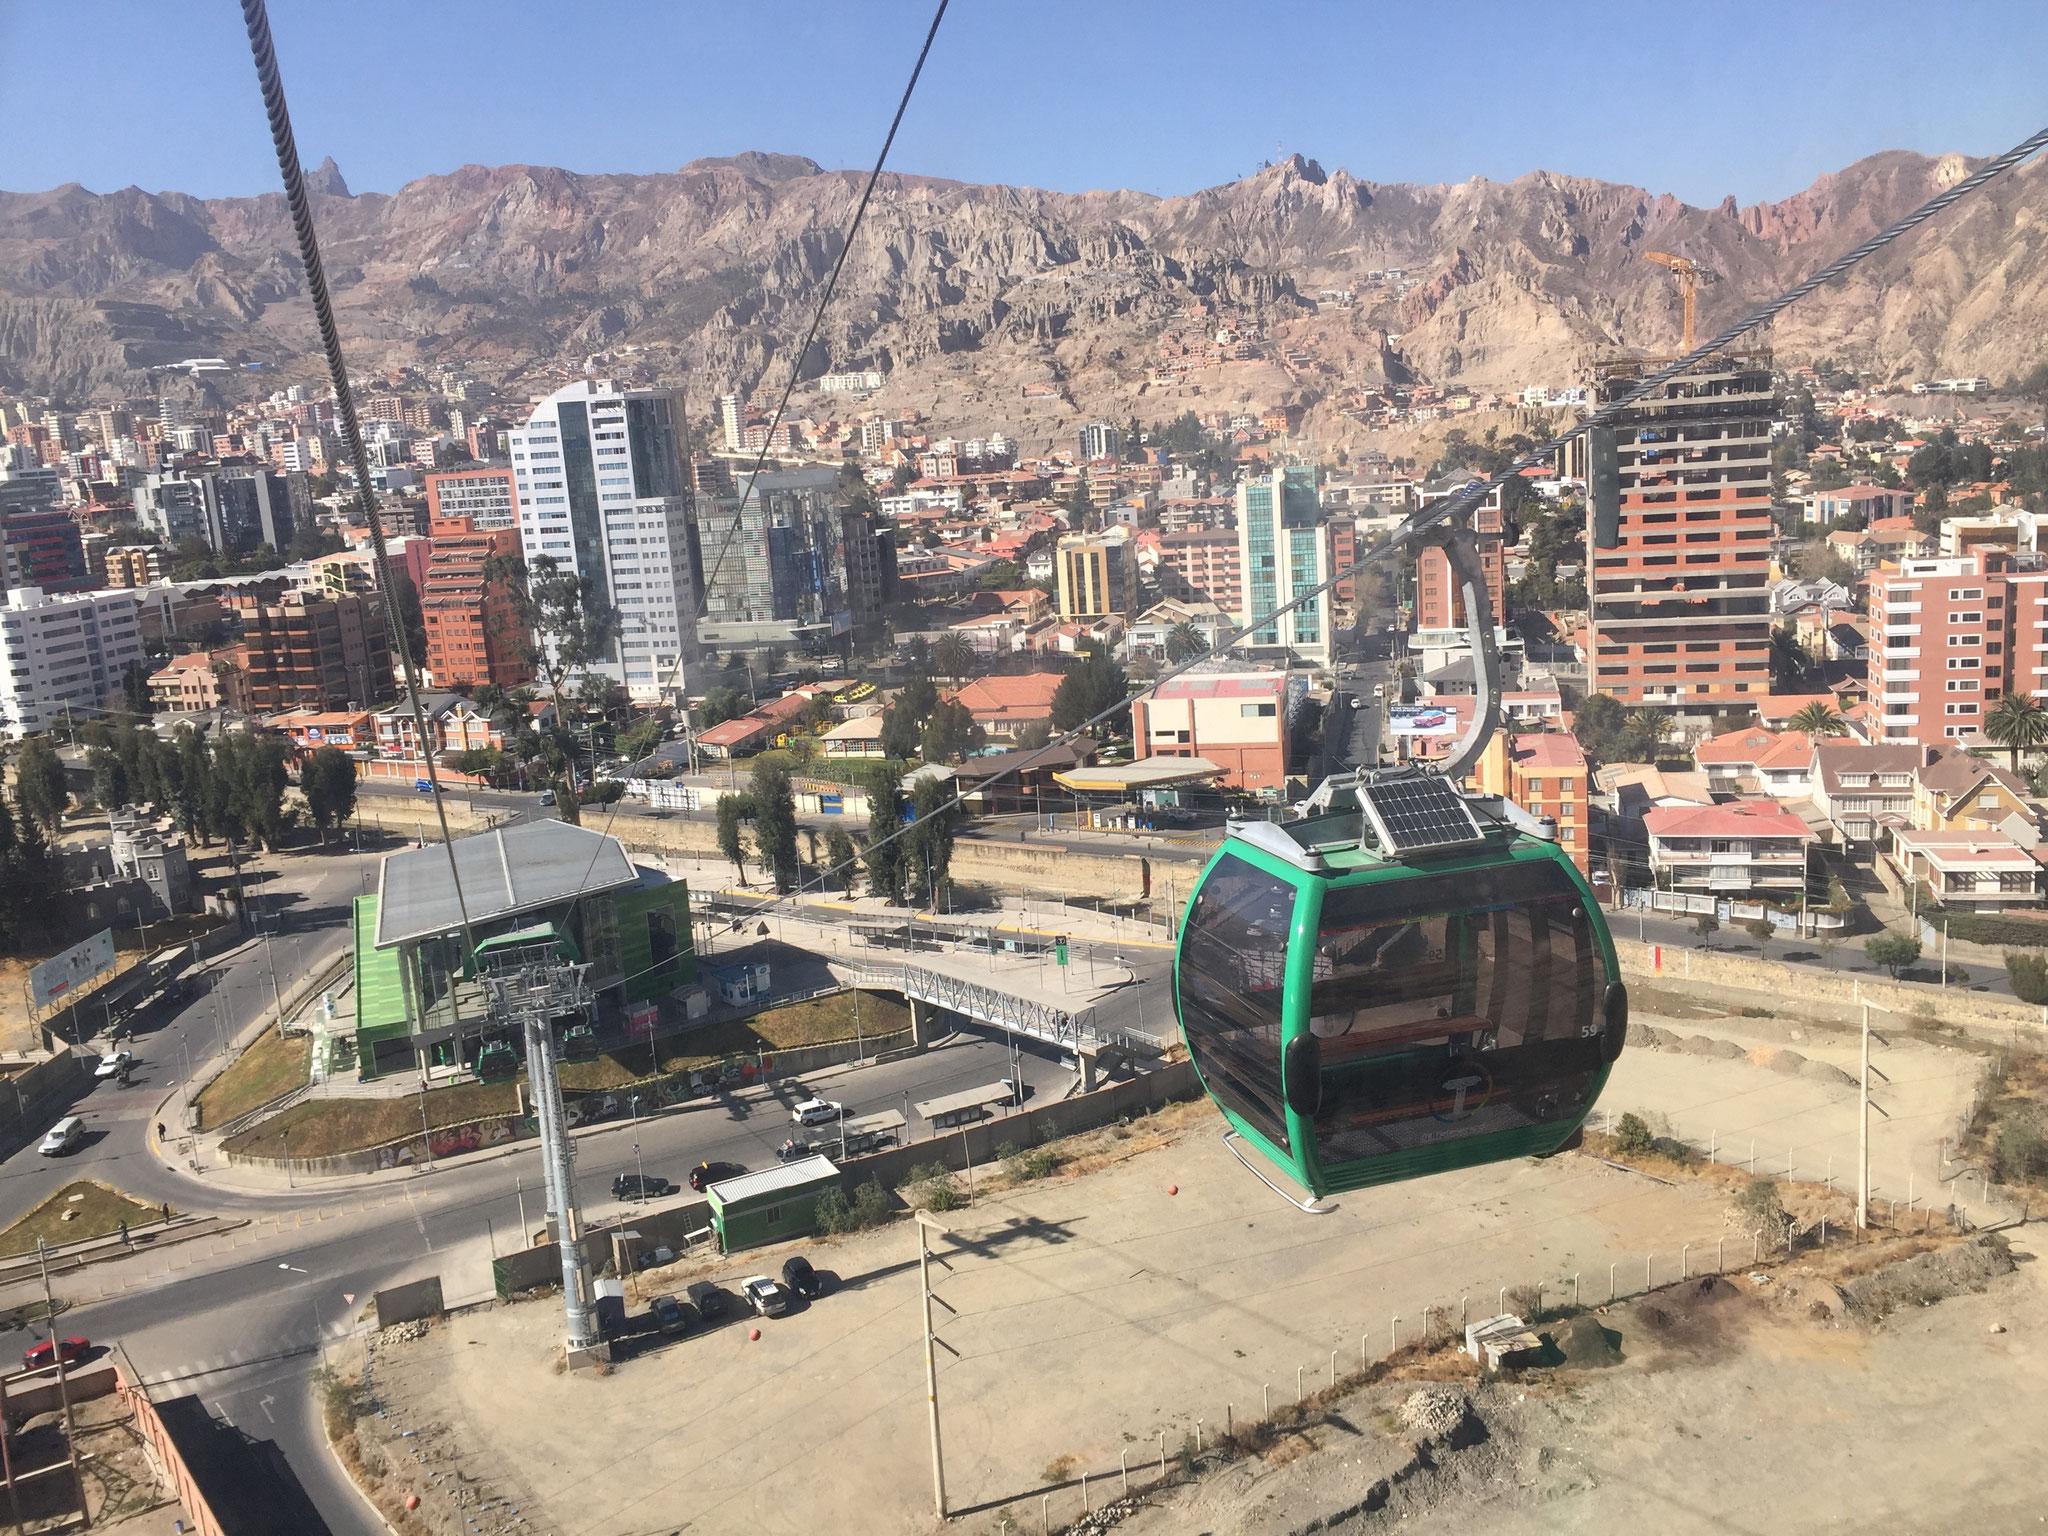 Gondelfahrten in La Paz